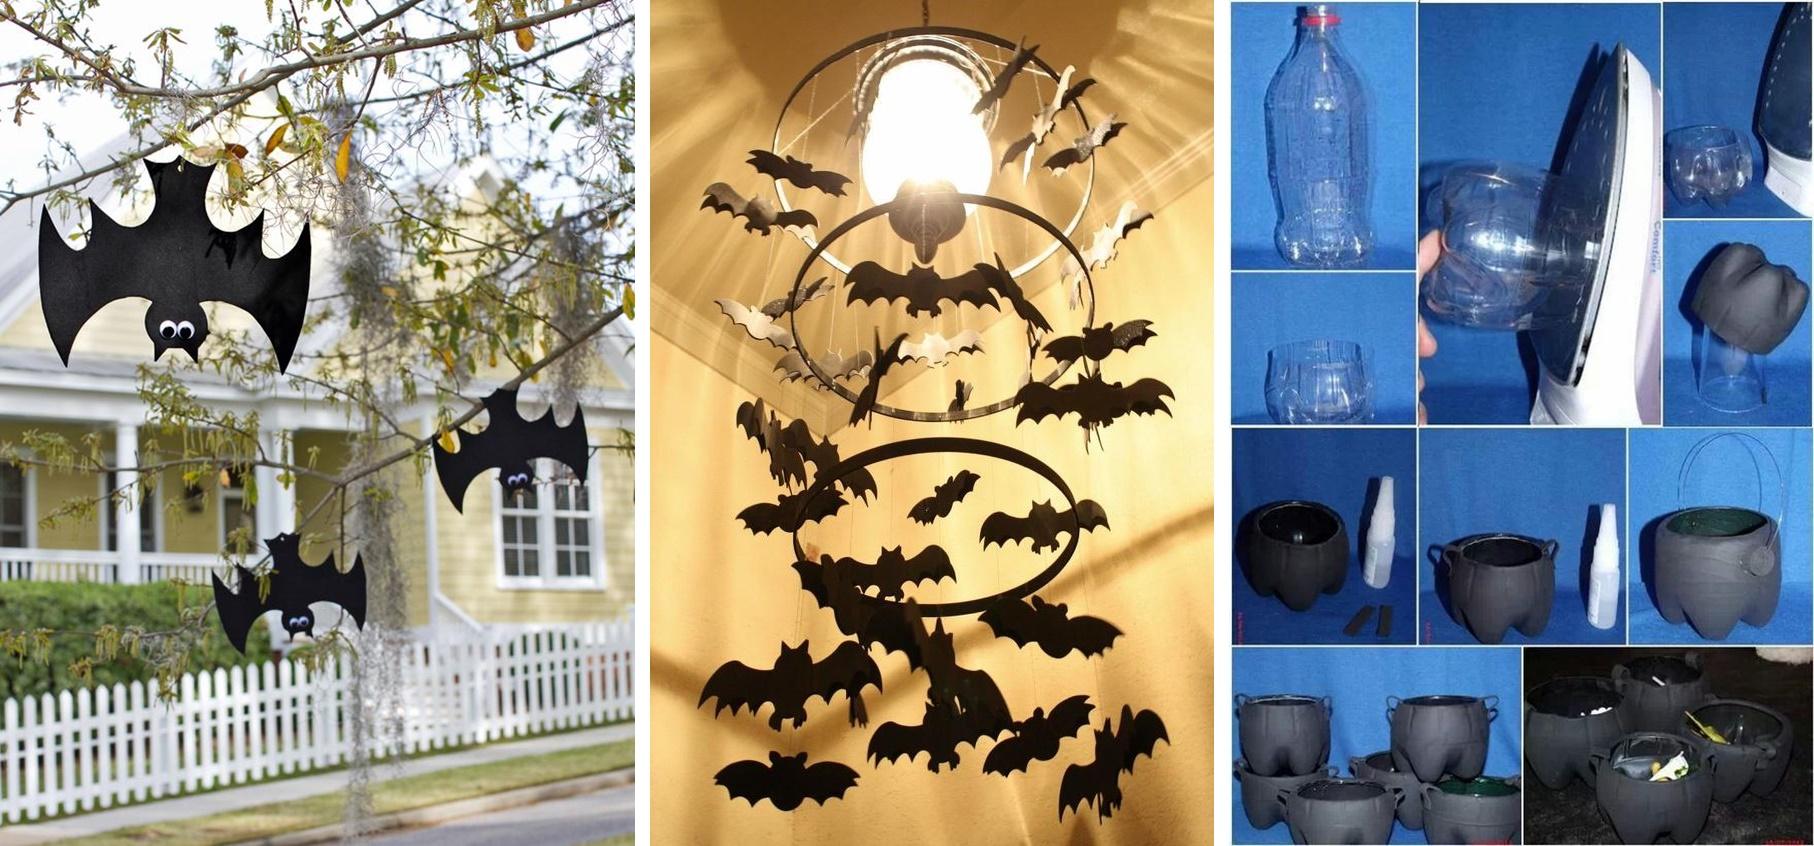 19 Ideias Simples para Decorar a sua Festa de Halloween 05 5 - 19 Ideias Simples para Decorar a sua Festa de Halloween